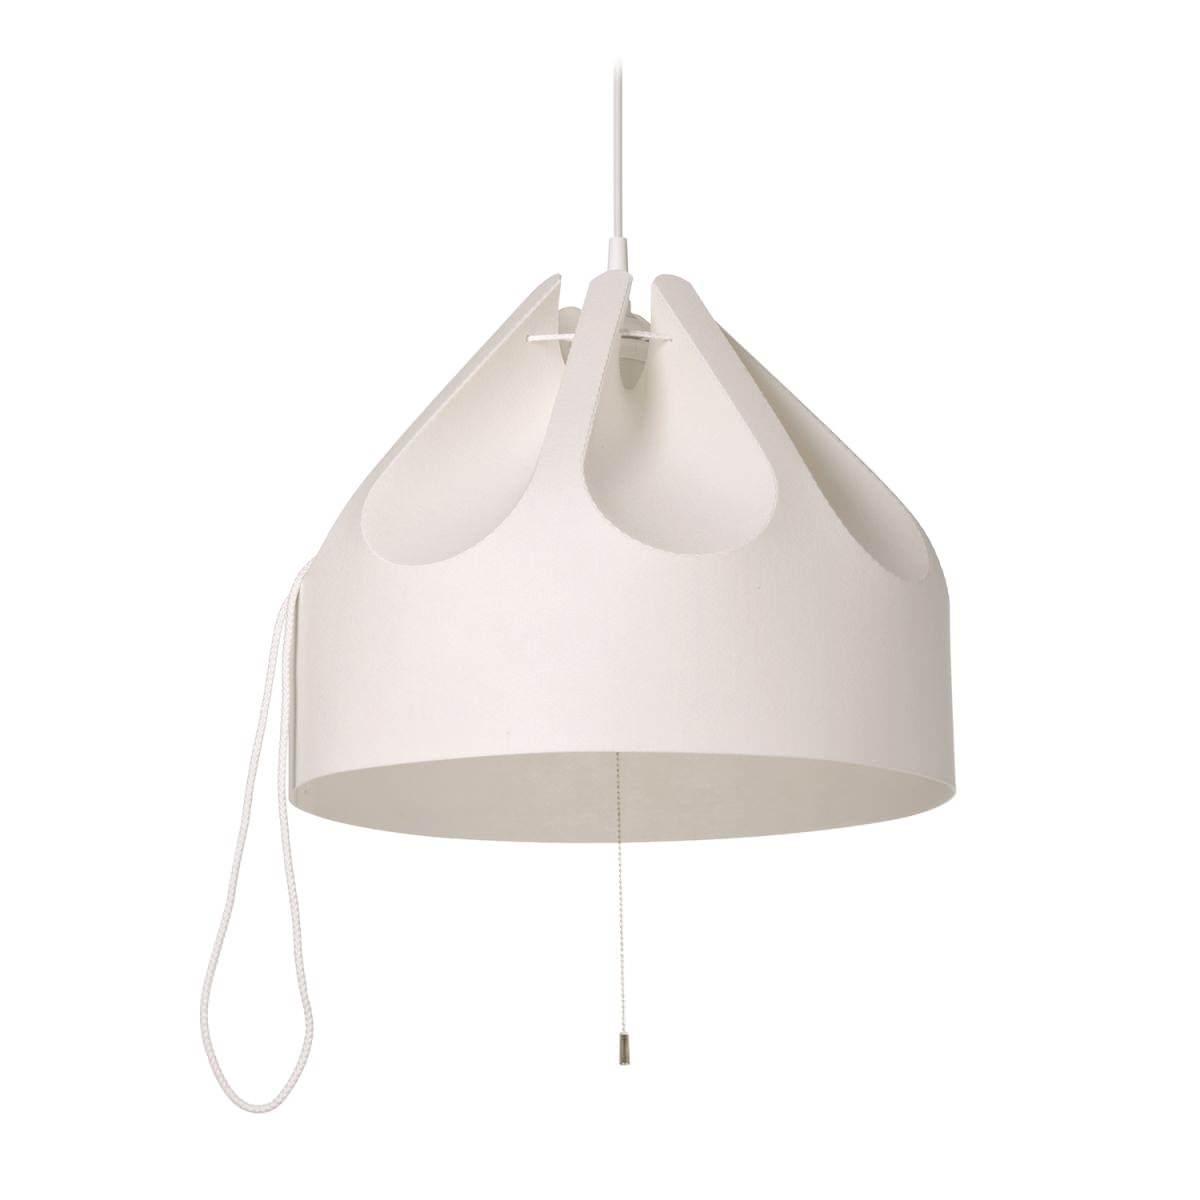 3灯ペンダントライト BEZA1|LOFTLIGHT ロフトライト ポーランドのデザイン照明 ペンダントランプ シャンデリア デザイナーズ モダン リビング ダイニング 寝室